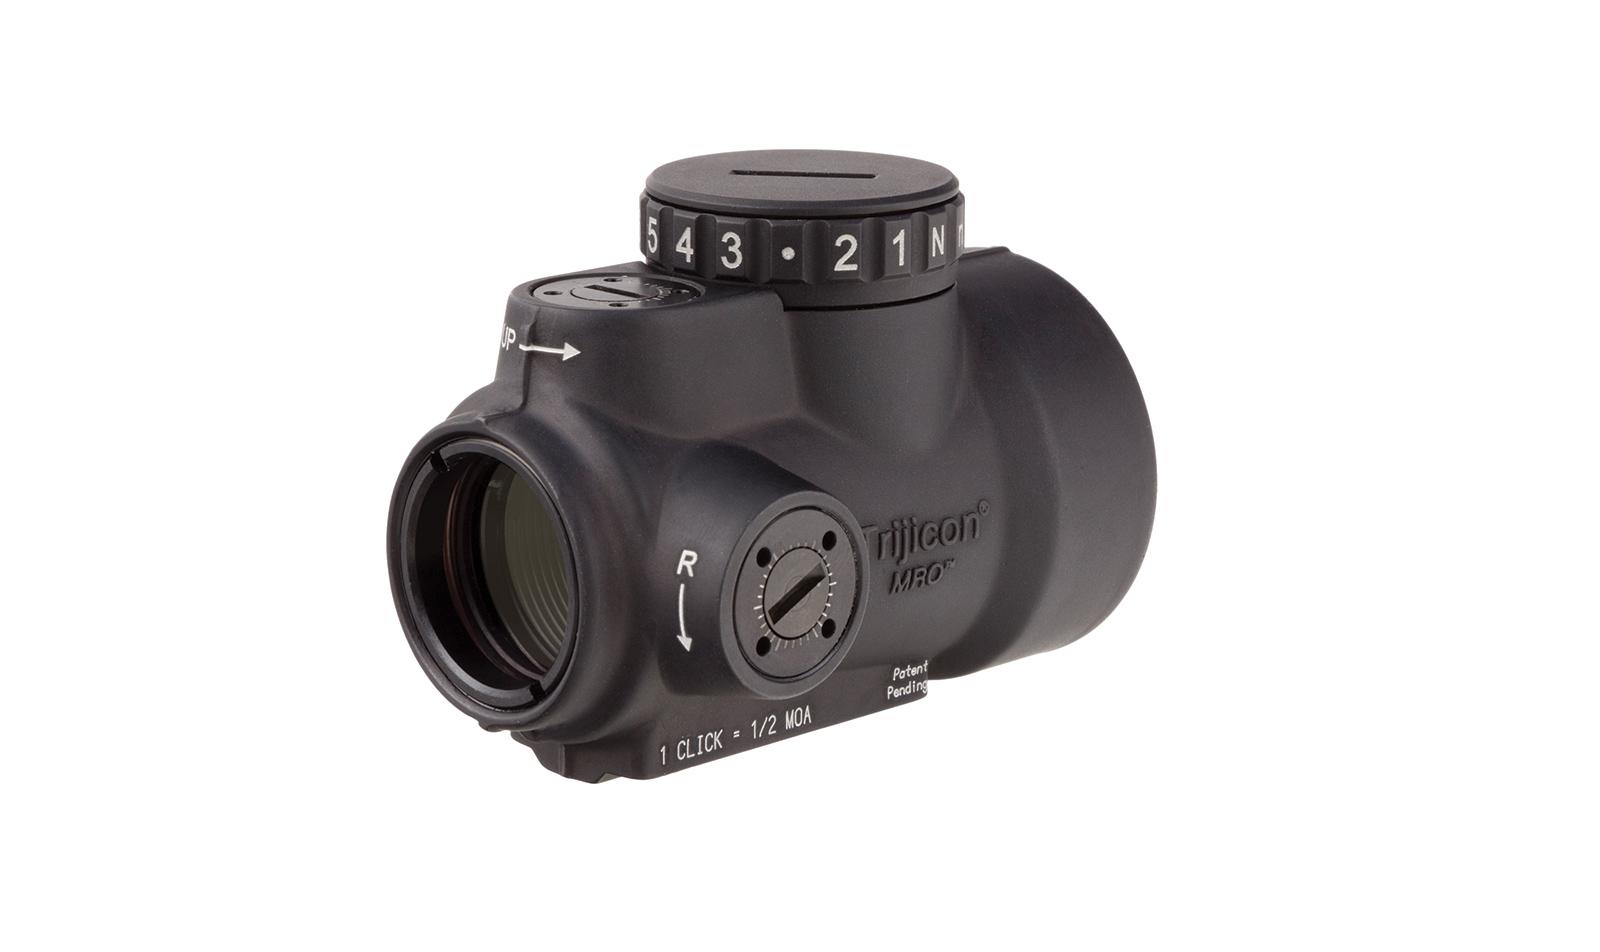 MRO-C-2200028 angle 5